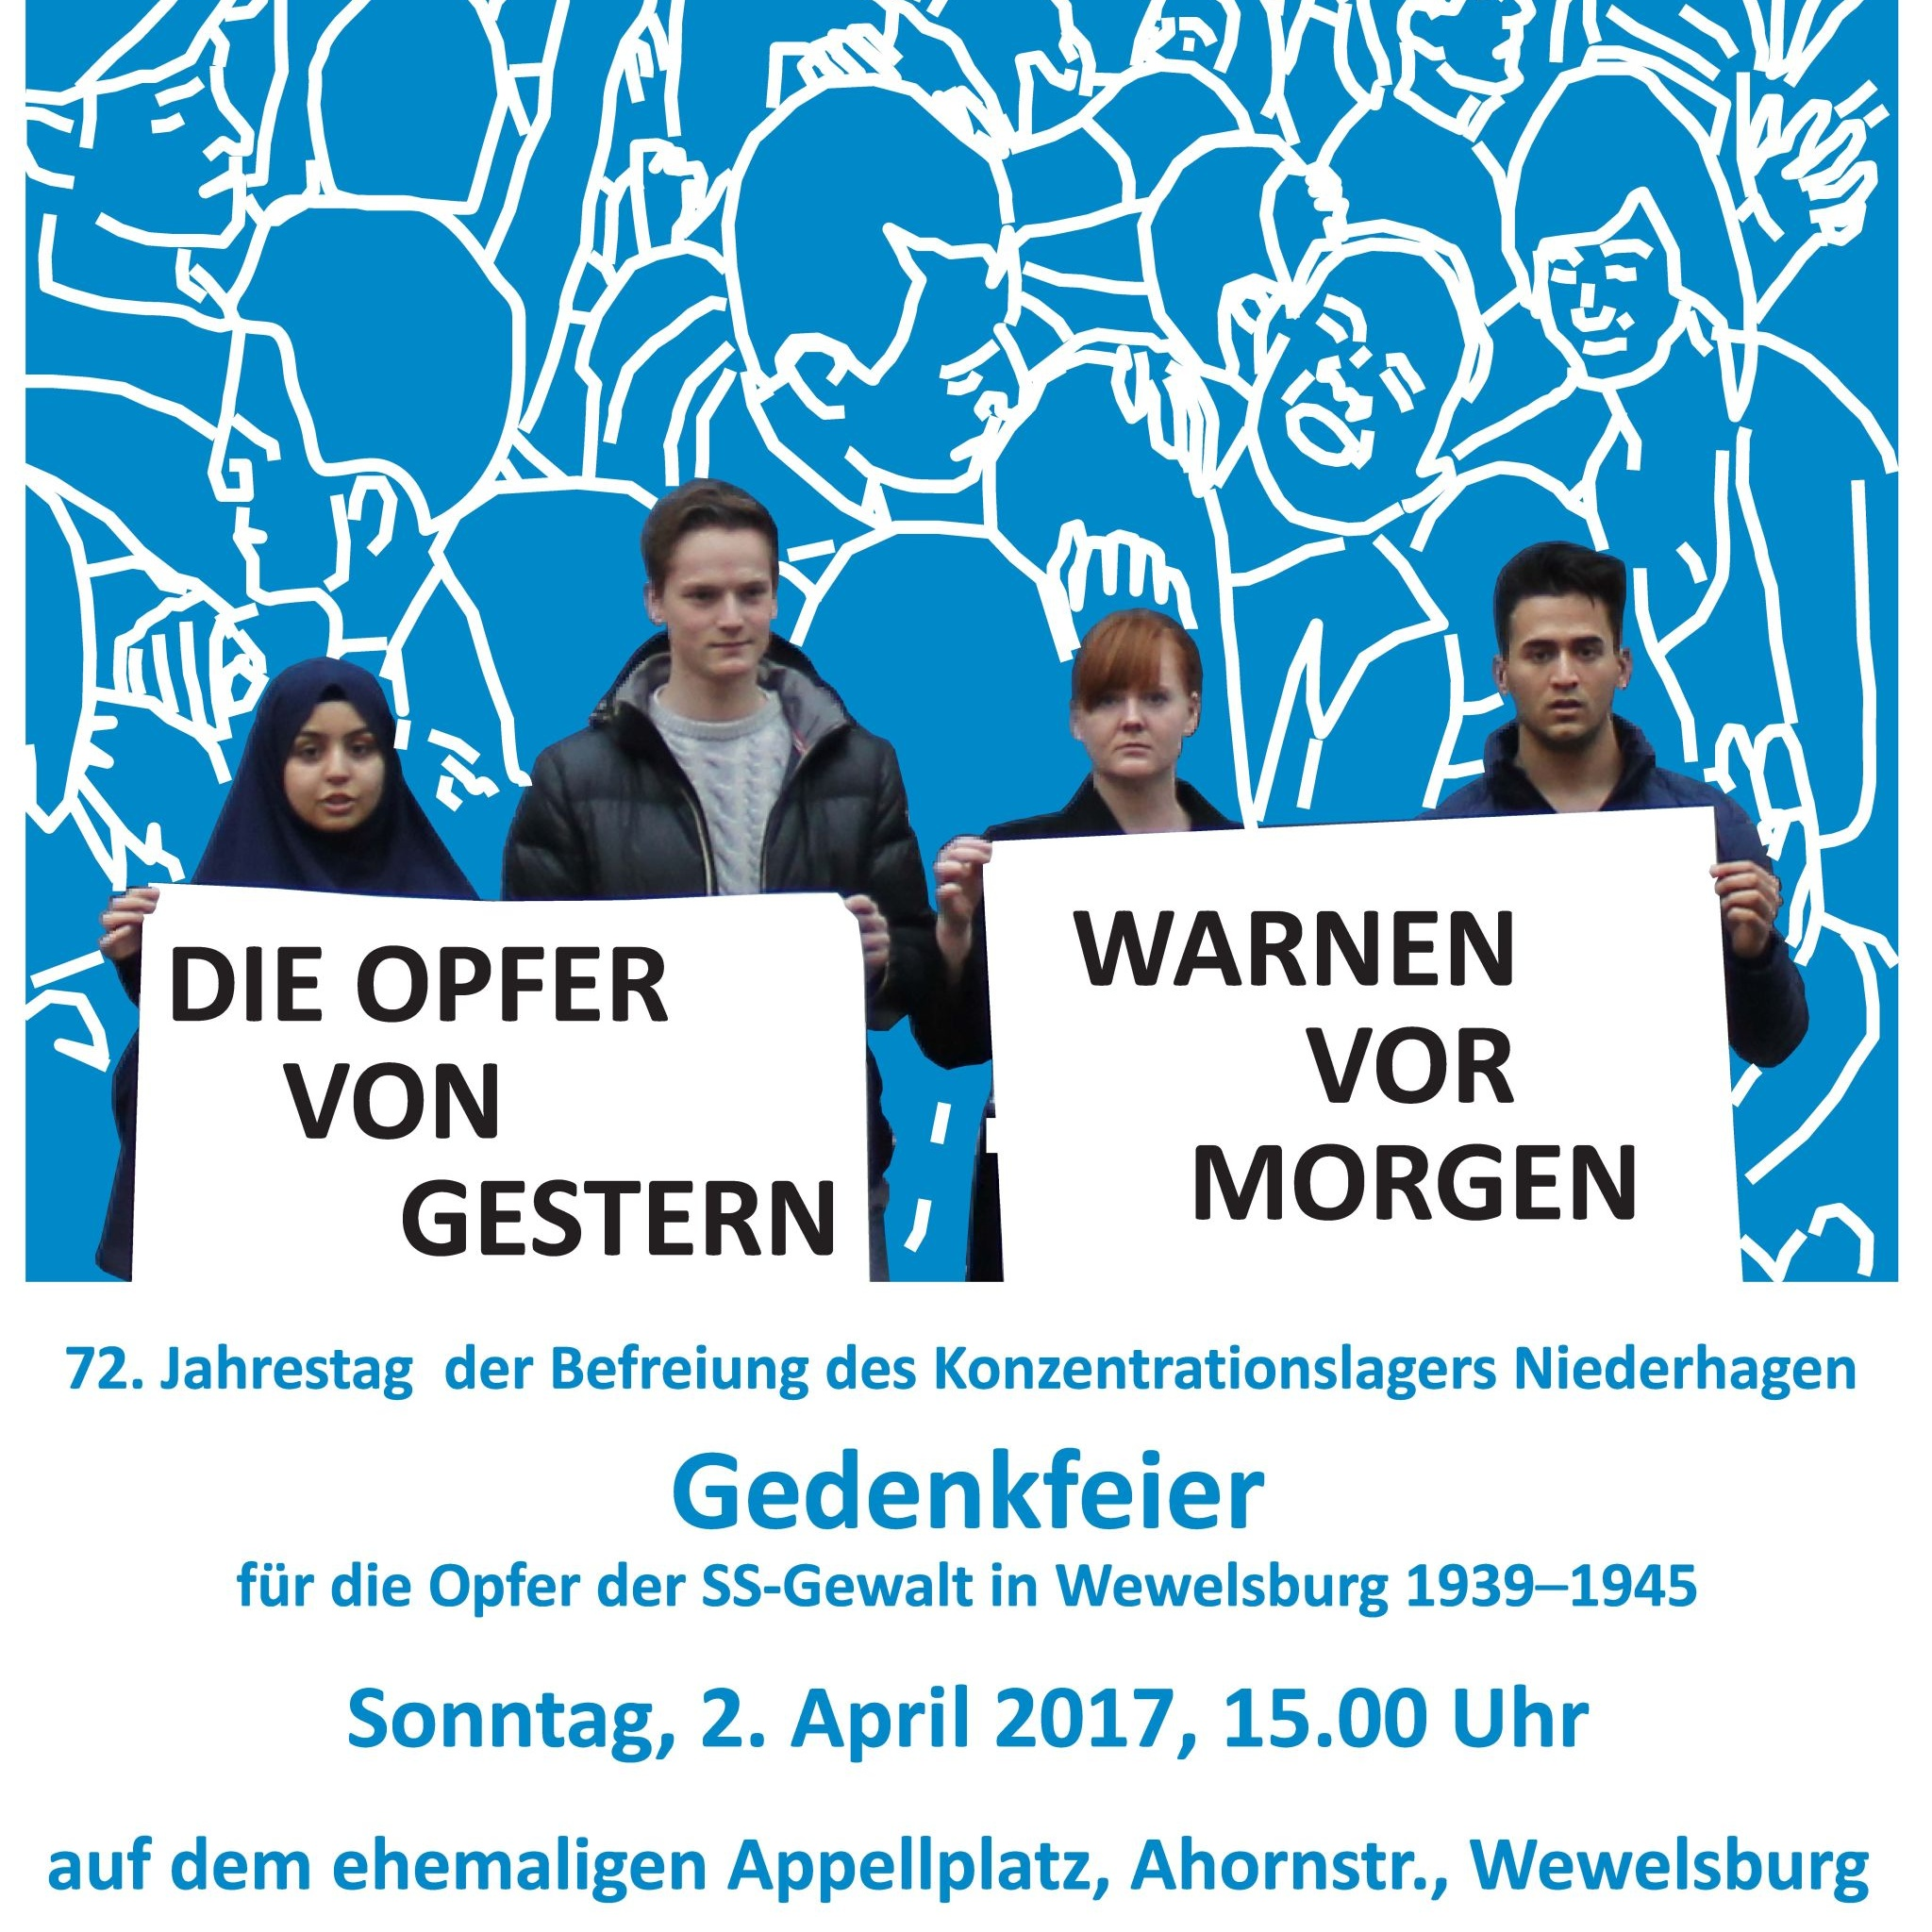 72. Jahrestag der Befreiung des Konzentrationslagers Niederhagen Gedenkfeier für die Opfer der SS-Gewalt in Wewelsburg 1933-1945